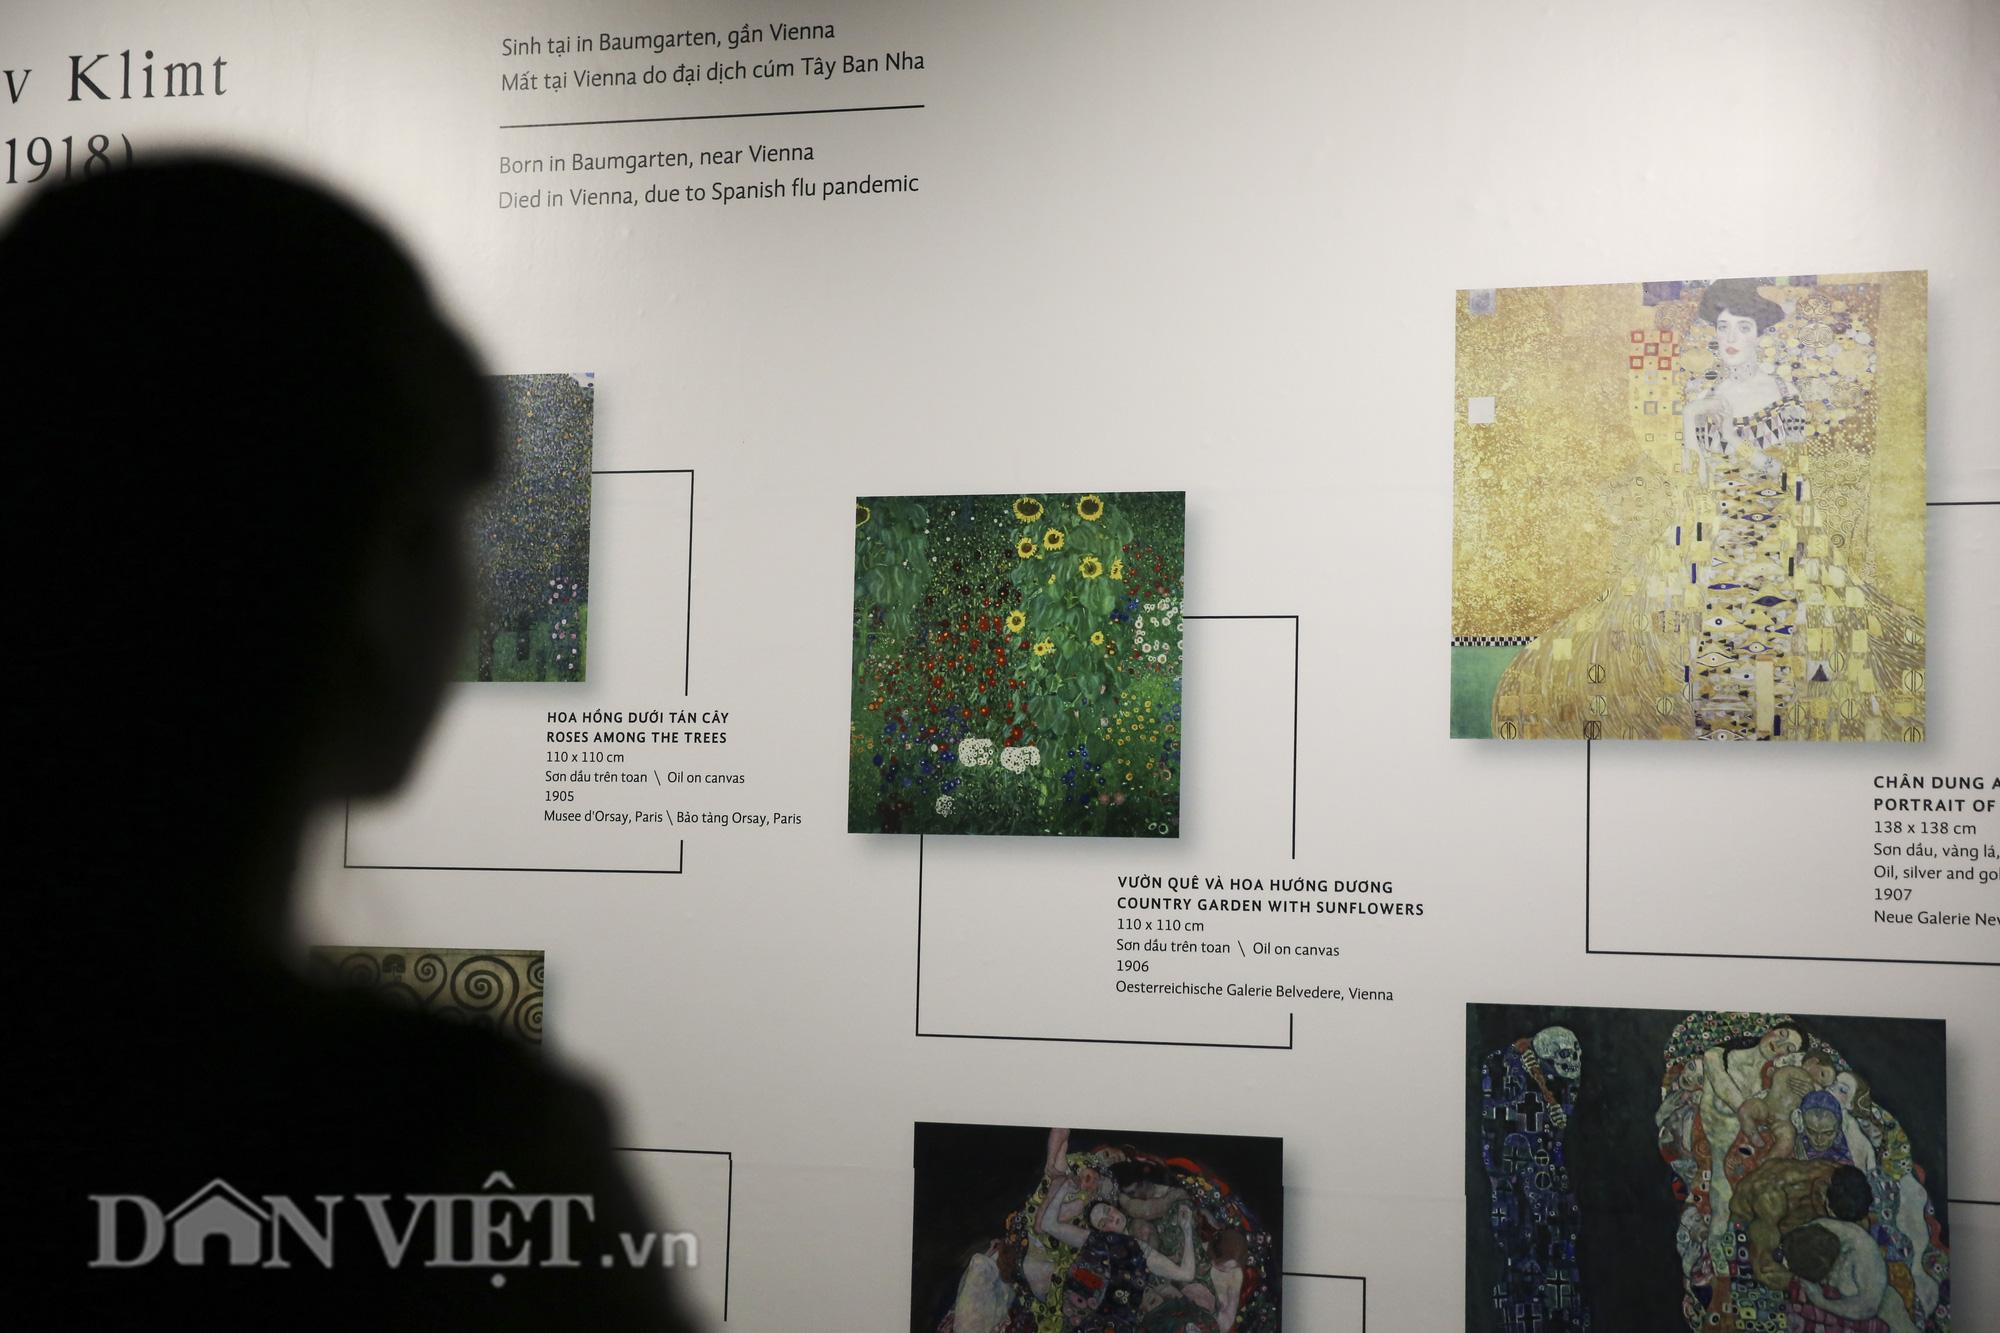 Chiêm ngưỡng những kiệt tác hội họa trăm năm, giá trăm triệu USD tại Hà Nội - Ảnh 7.